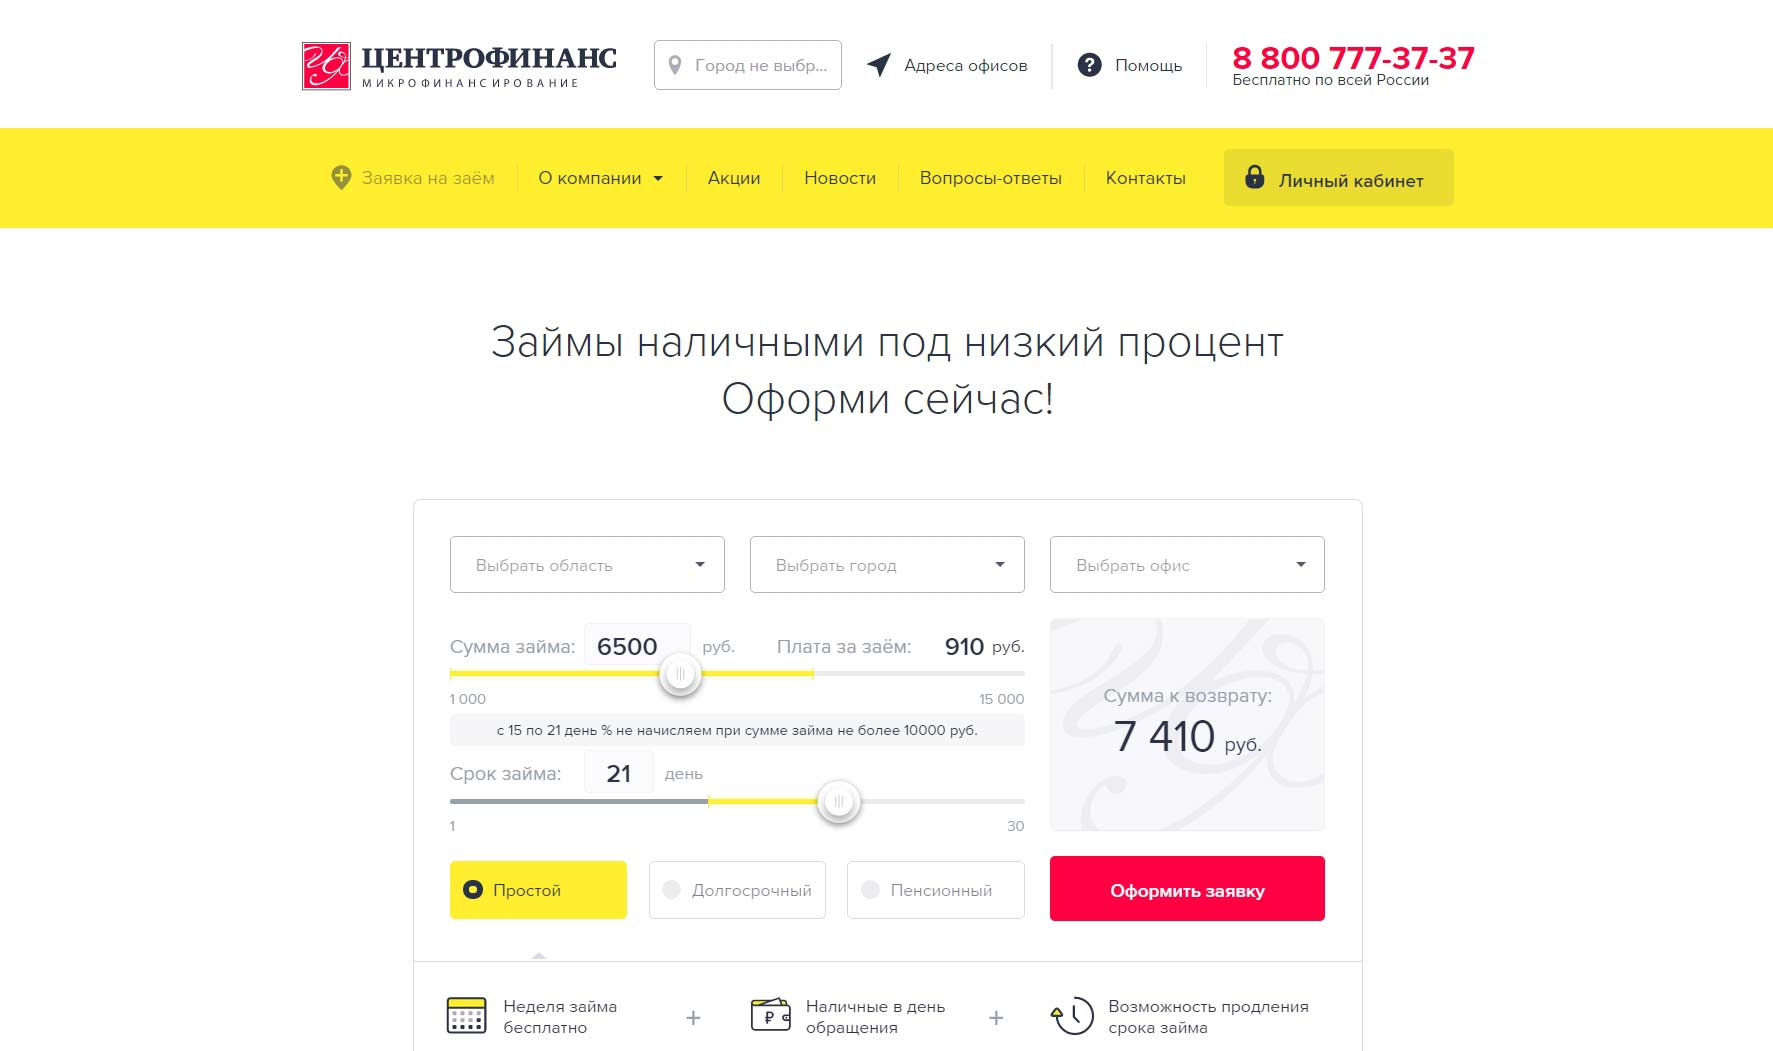 centrofinans-lichnyjj-kabinet-vkhod-registraciya-zajjm_5d0798df238d5.jpeg